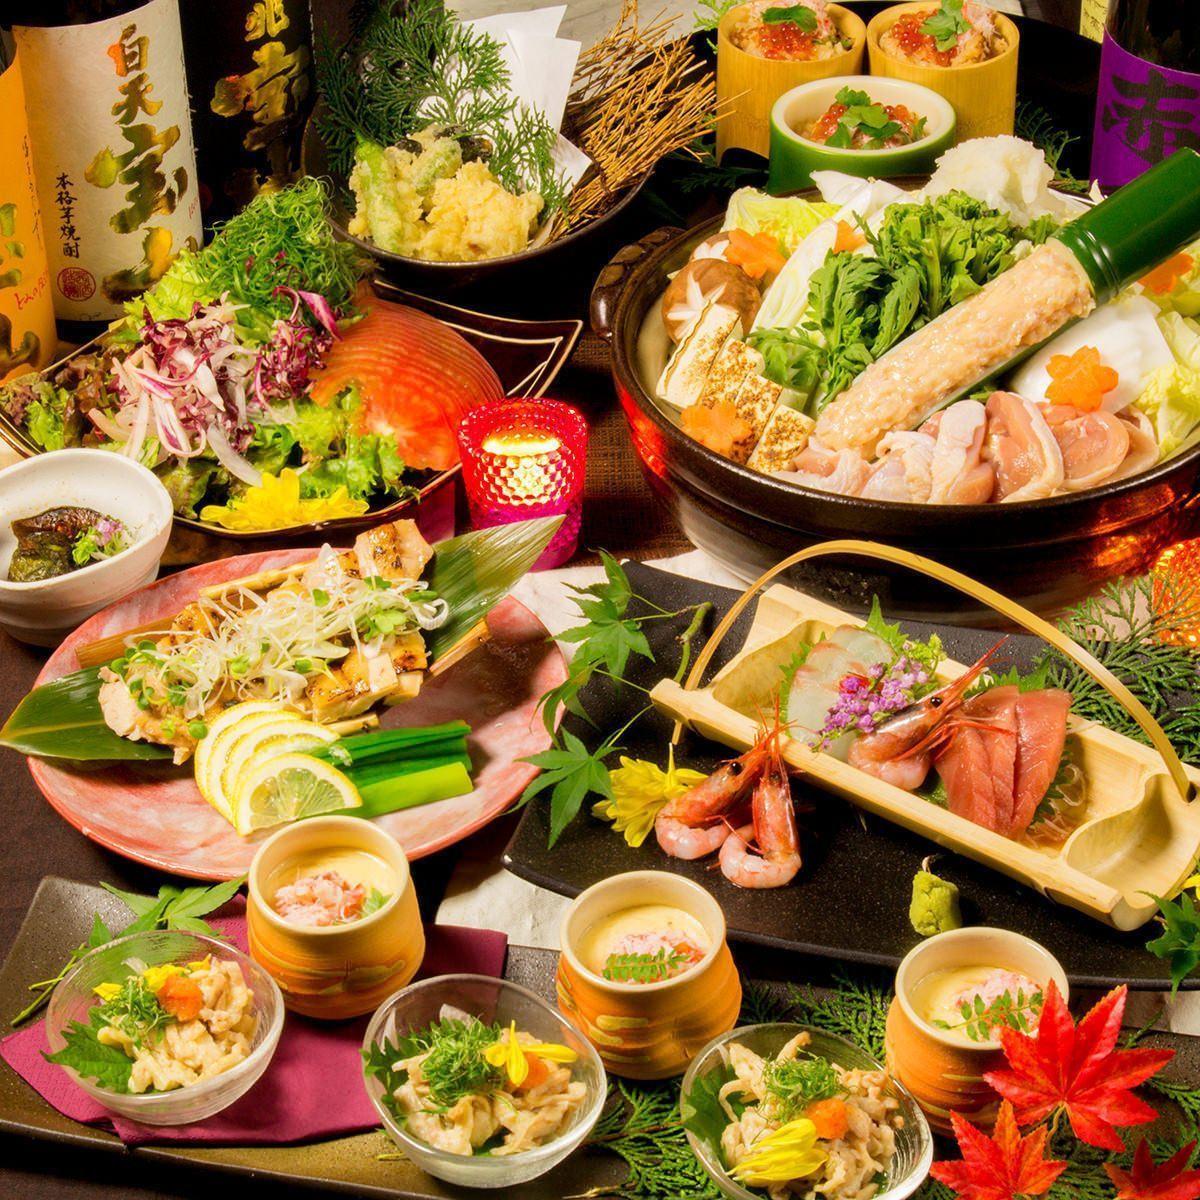 【シーン別】デートから宴会まで!飯田橋駅周辺のおすすめ居酒屋5選の画像